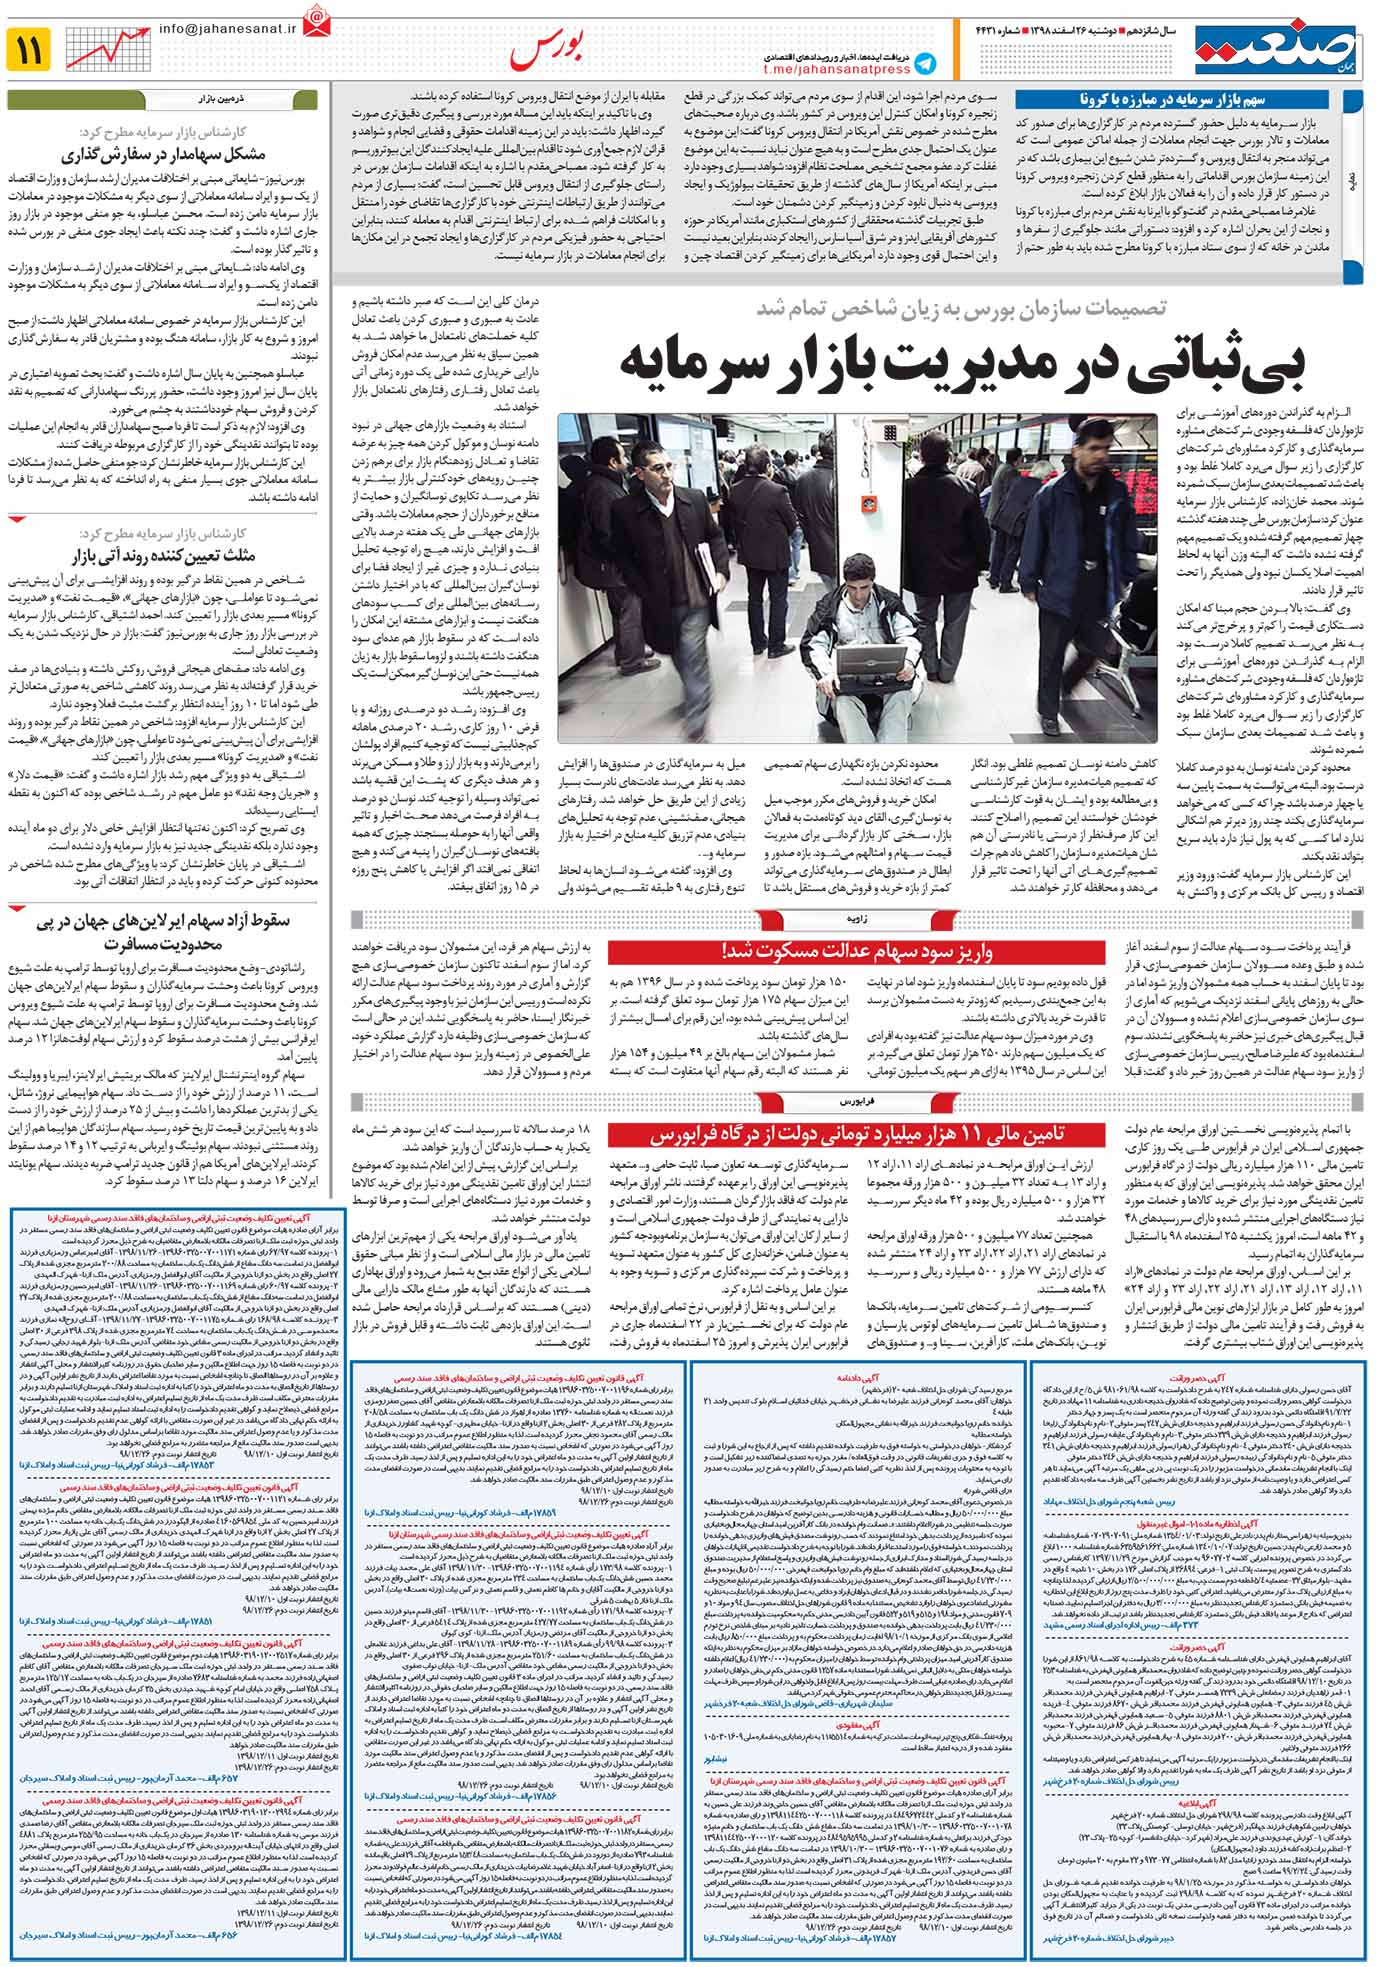 صفحه ۱۱ – ۲۶ اسفند ۱۳۹۸